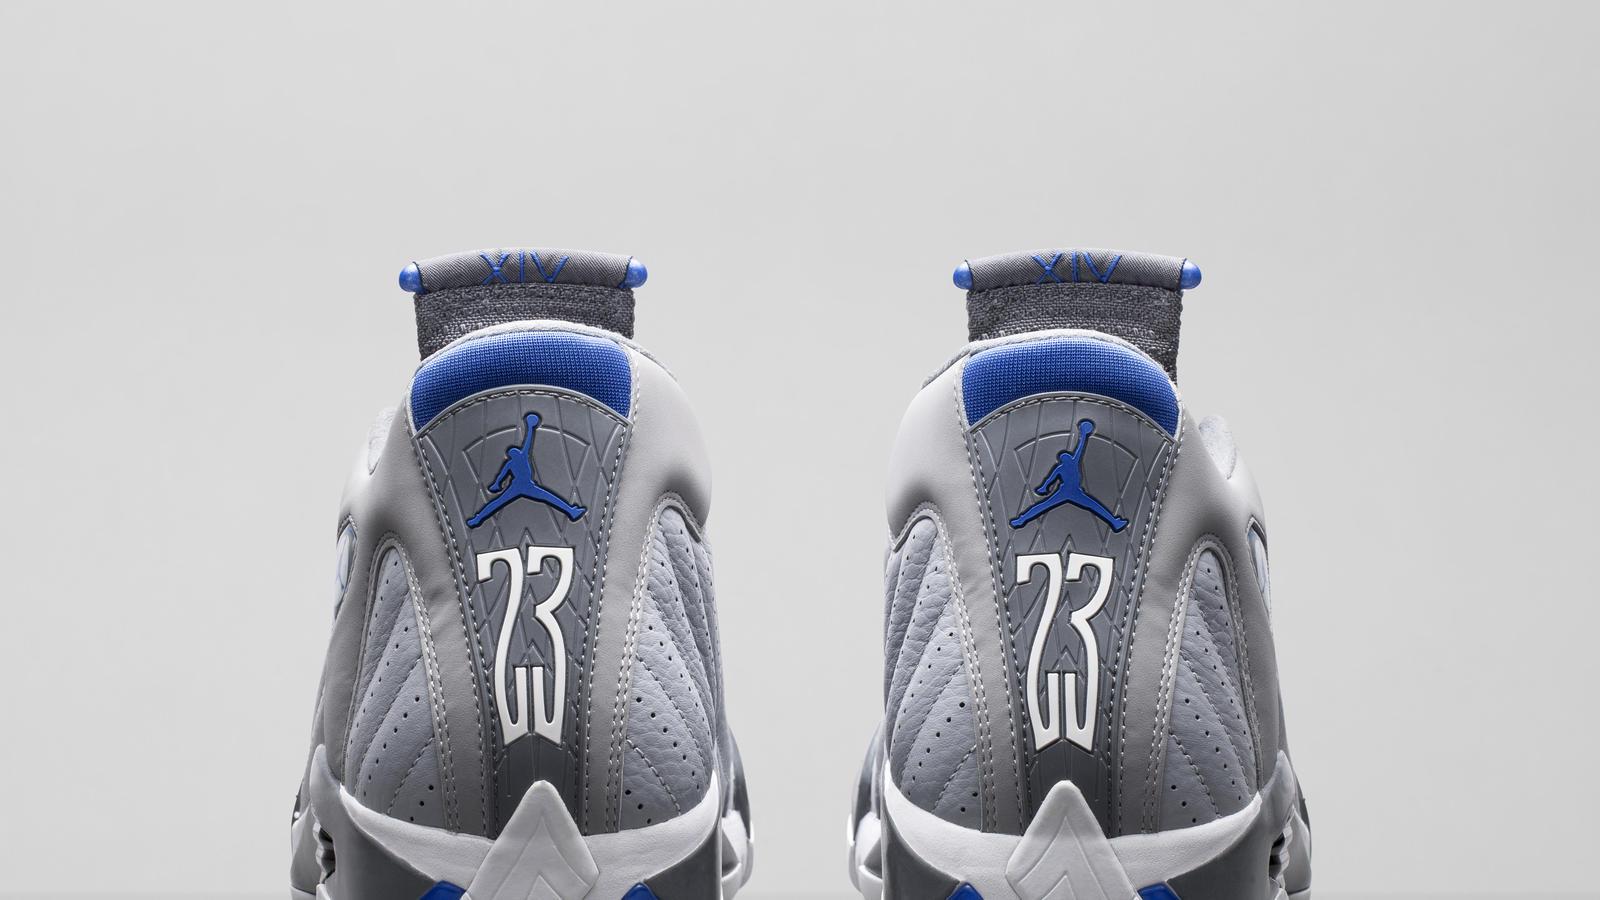 487471-004_a5_pair_heels